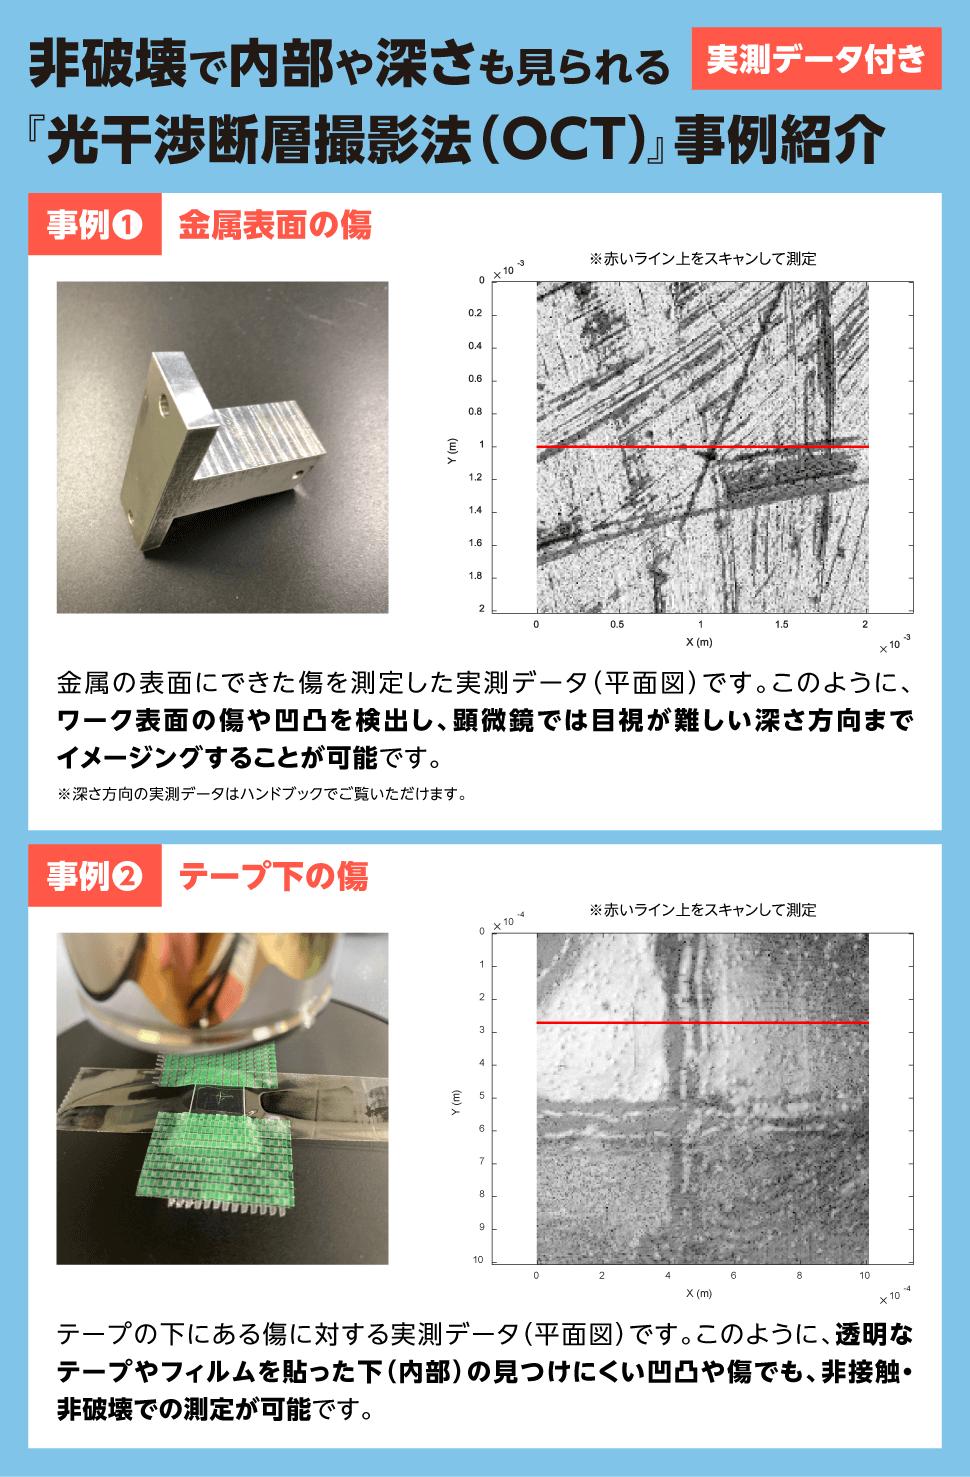 実測データ付き 非破壊で内部や深さも見られる『光干渉断層撮影法(OCT)』事例紹介 事例1:金属表面の傷 金属の表面にできた傷を測定した実測データ(平面図)です。このように、ワーク表面の傷や凹凸を検出し、顕微鏡では目視が難しい深さ方向までイメージングすることが可能です。 事例2:テープ下の傷 テープの下にある傷に対する実測データ(平面図)です。このように、透明なテープやフィルムを貼った下(内部)の見つけにくい凹凸や傷でも、非接触・非破壊での測定が可能です。